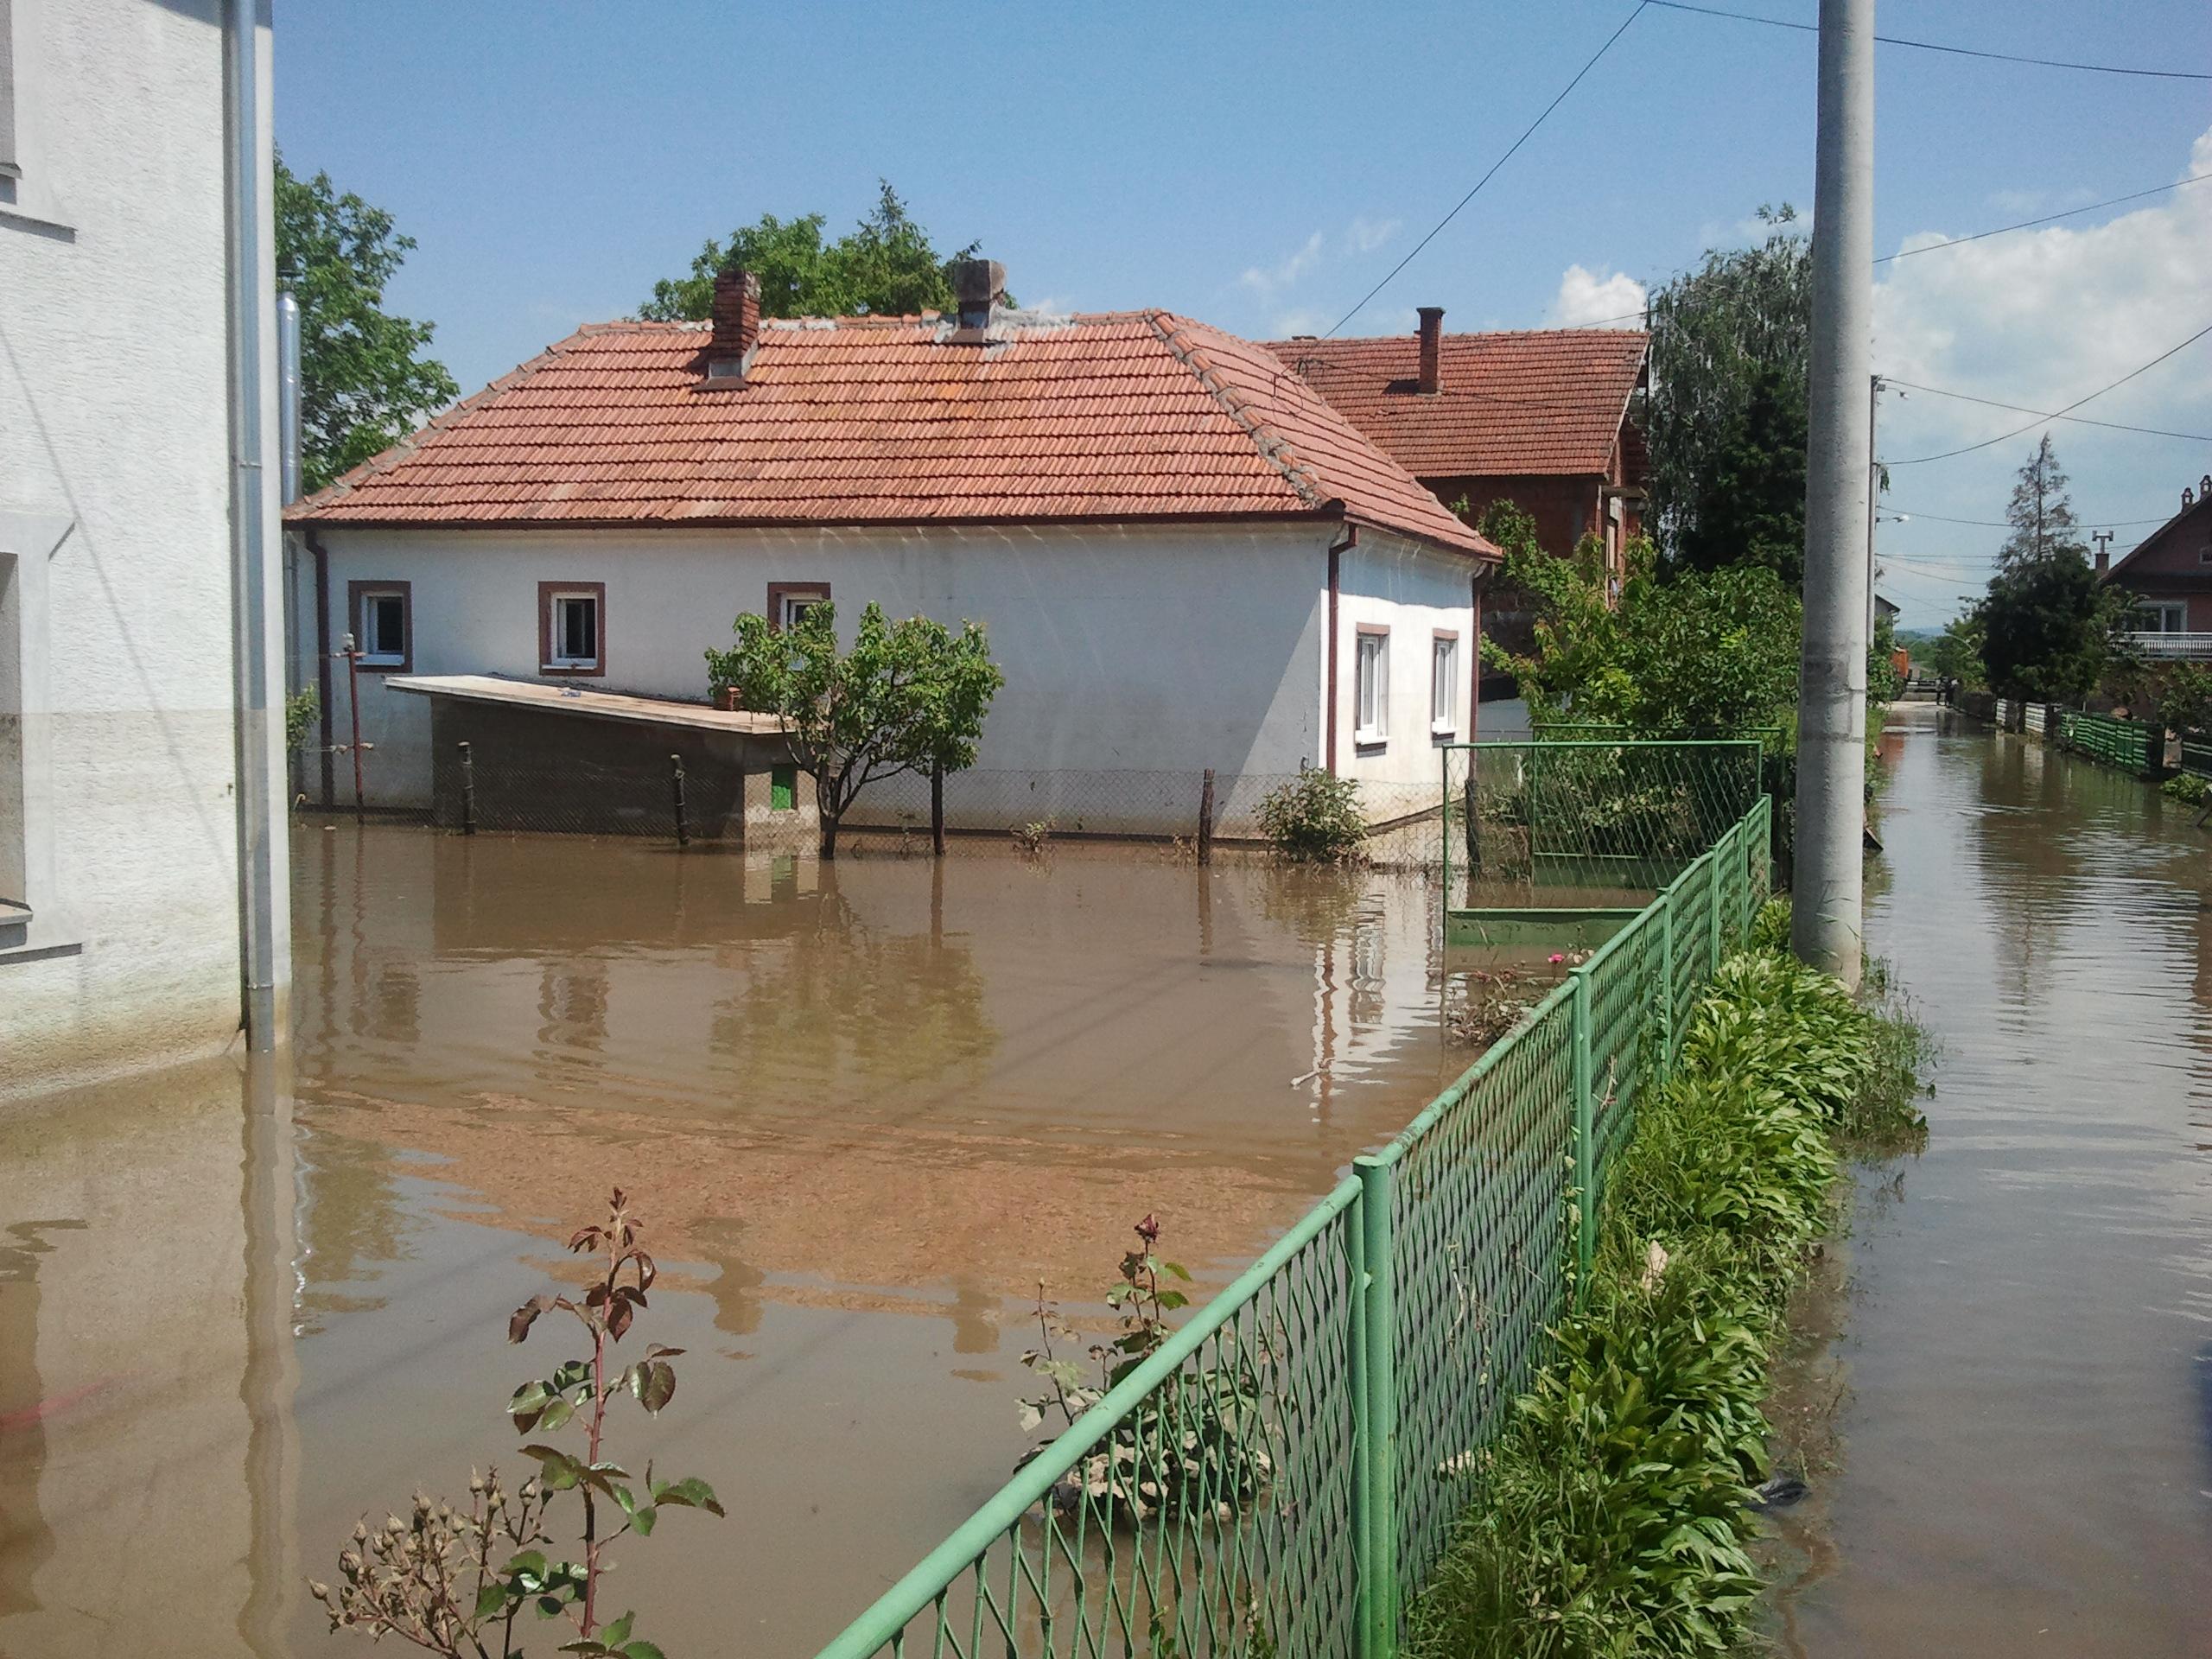 Затопленные дома в пригороде Шабаца